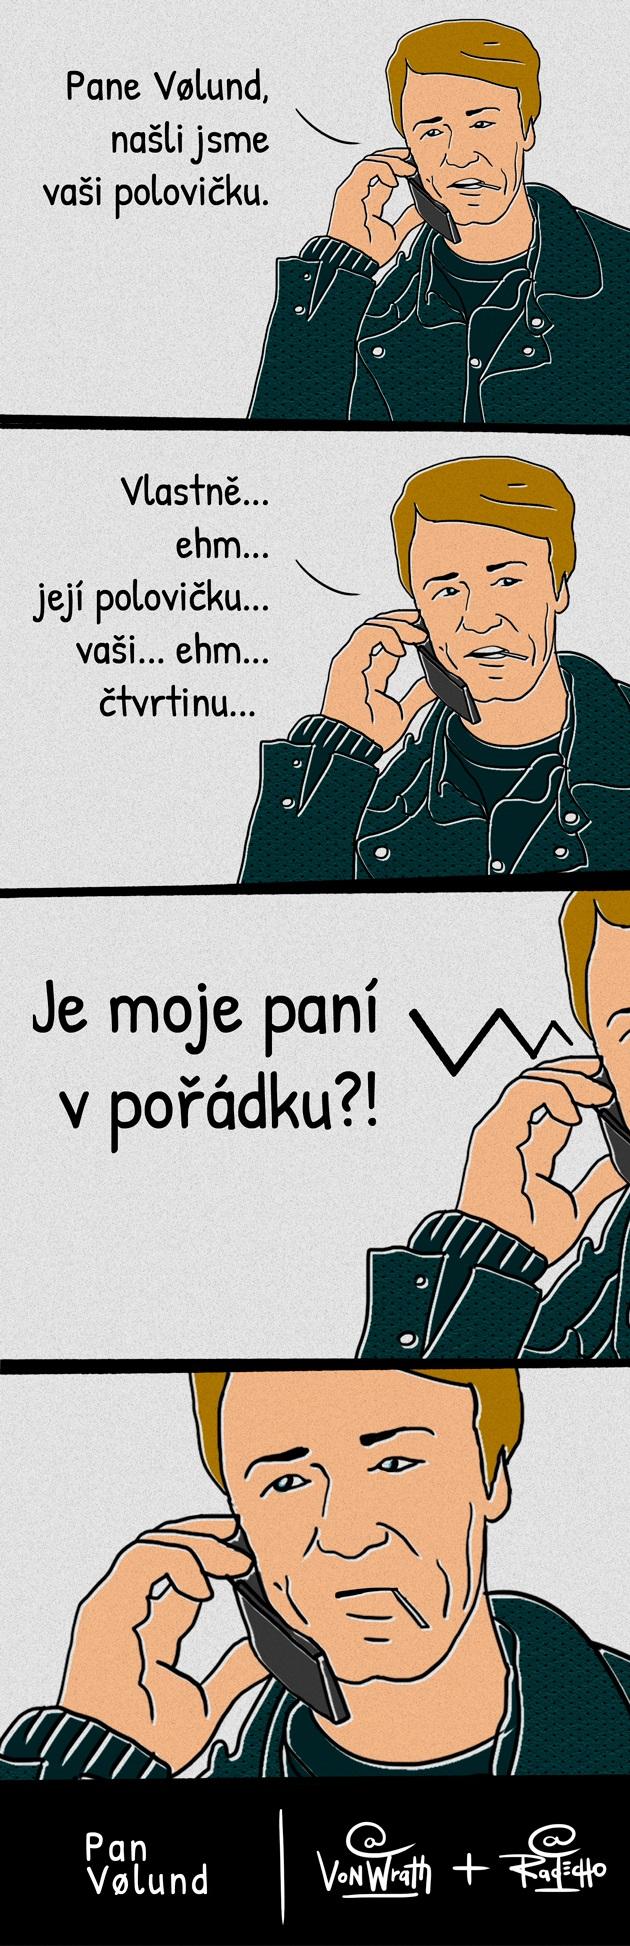 Pan Volund